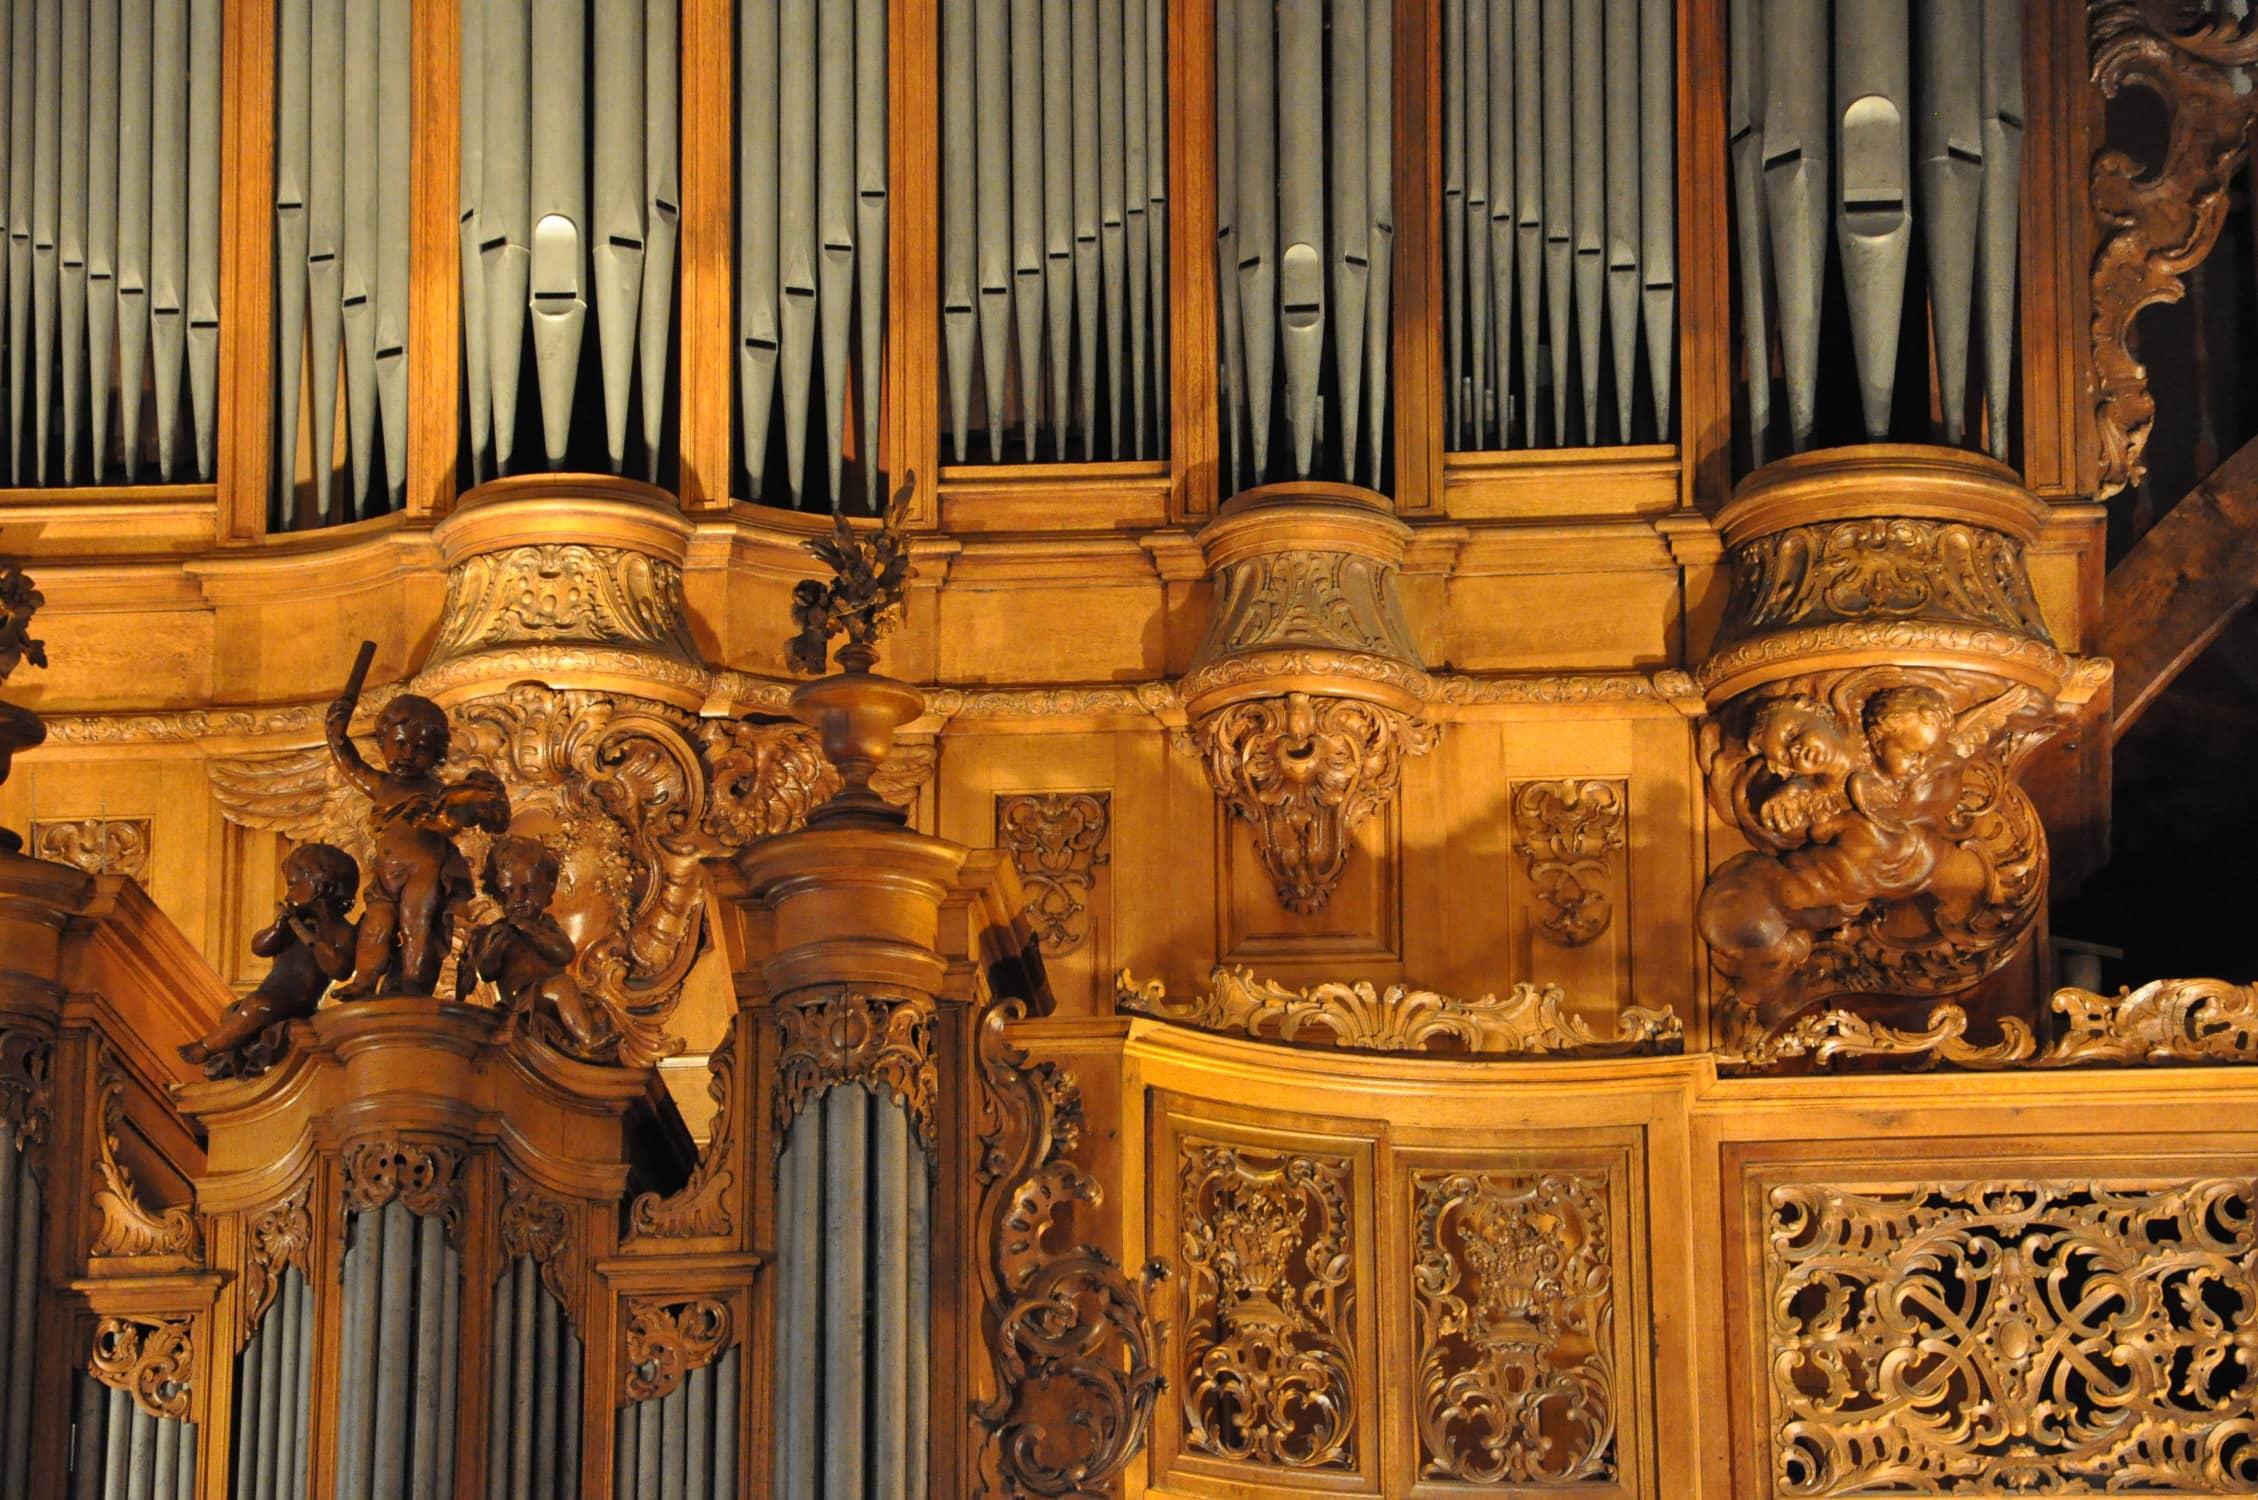 Détail des boiseries du grand orgue Silbermann de l'église Saint-Thomas de Strasbourg.